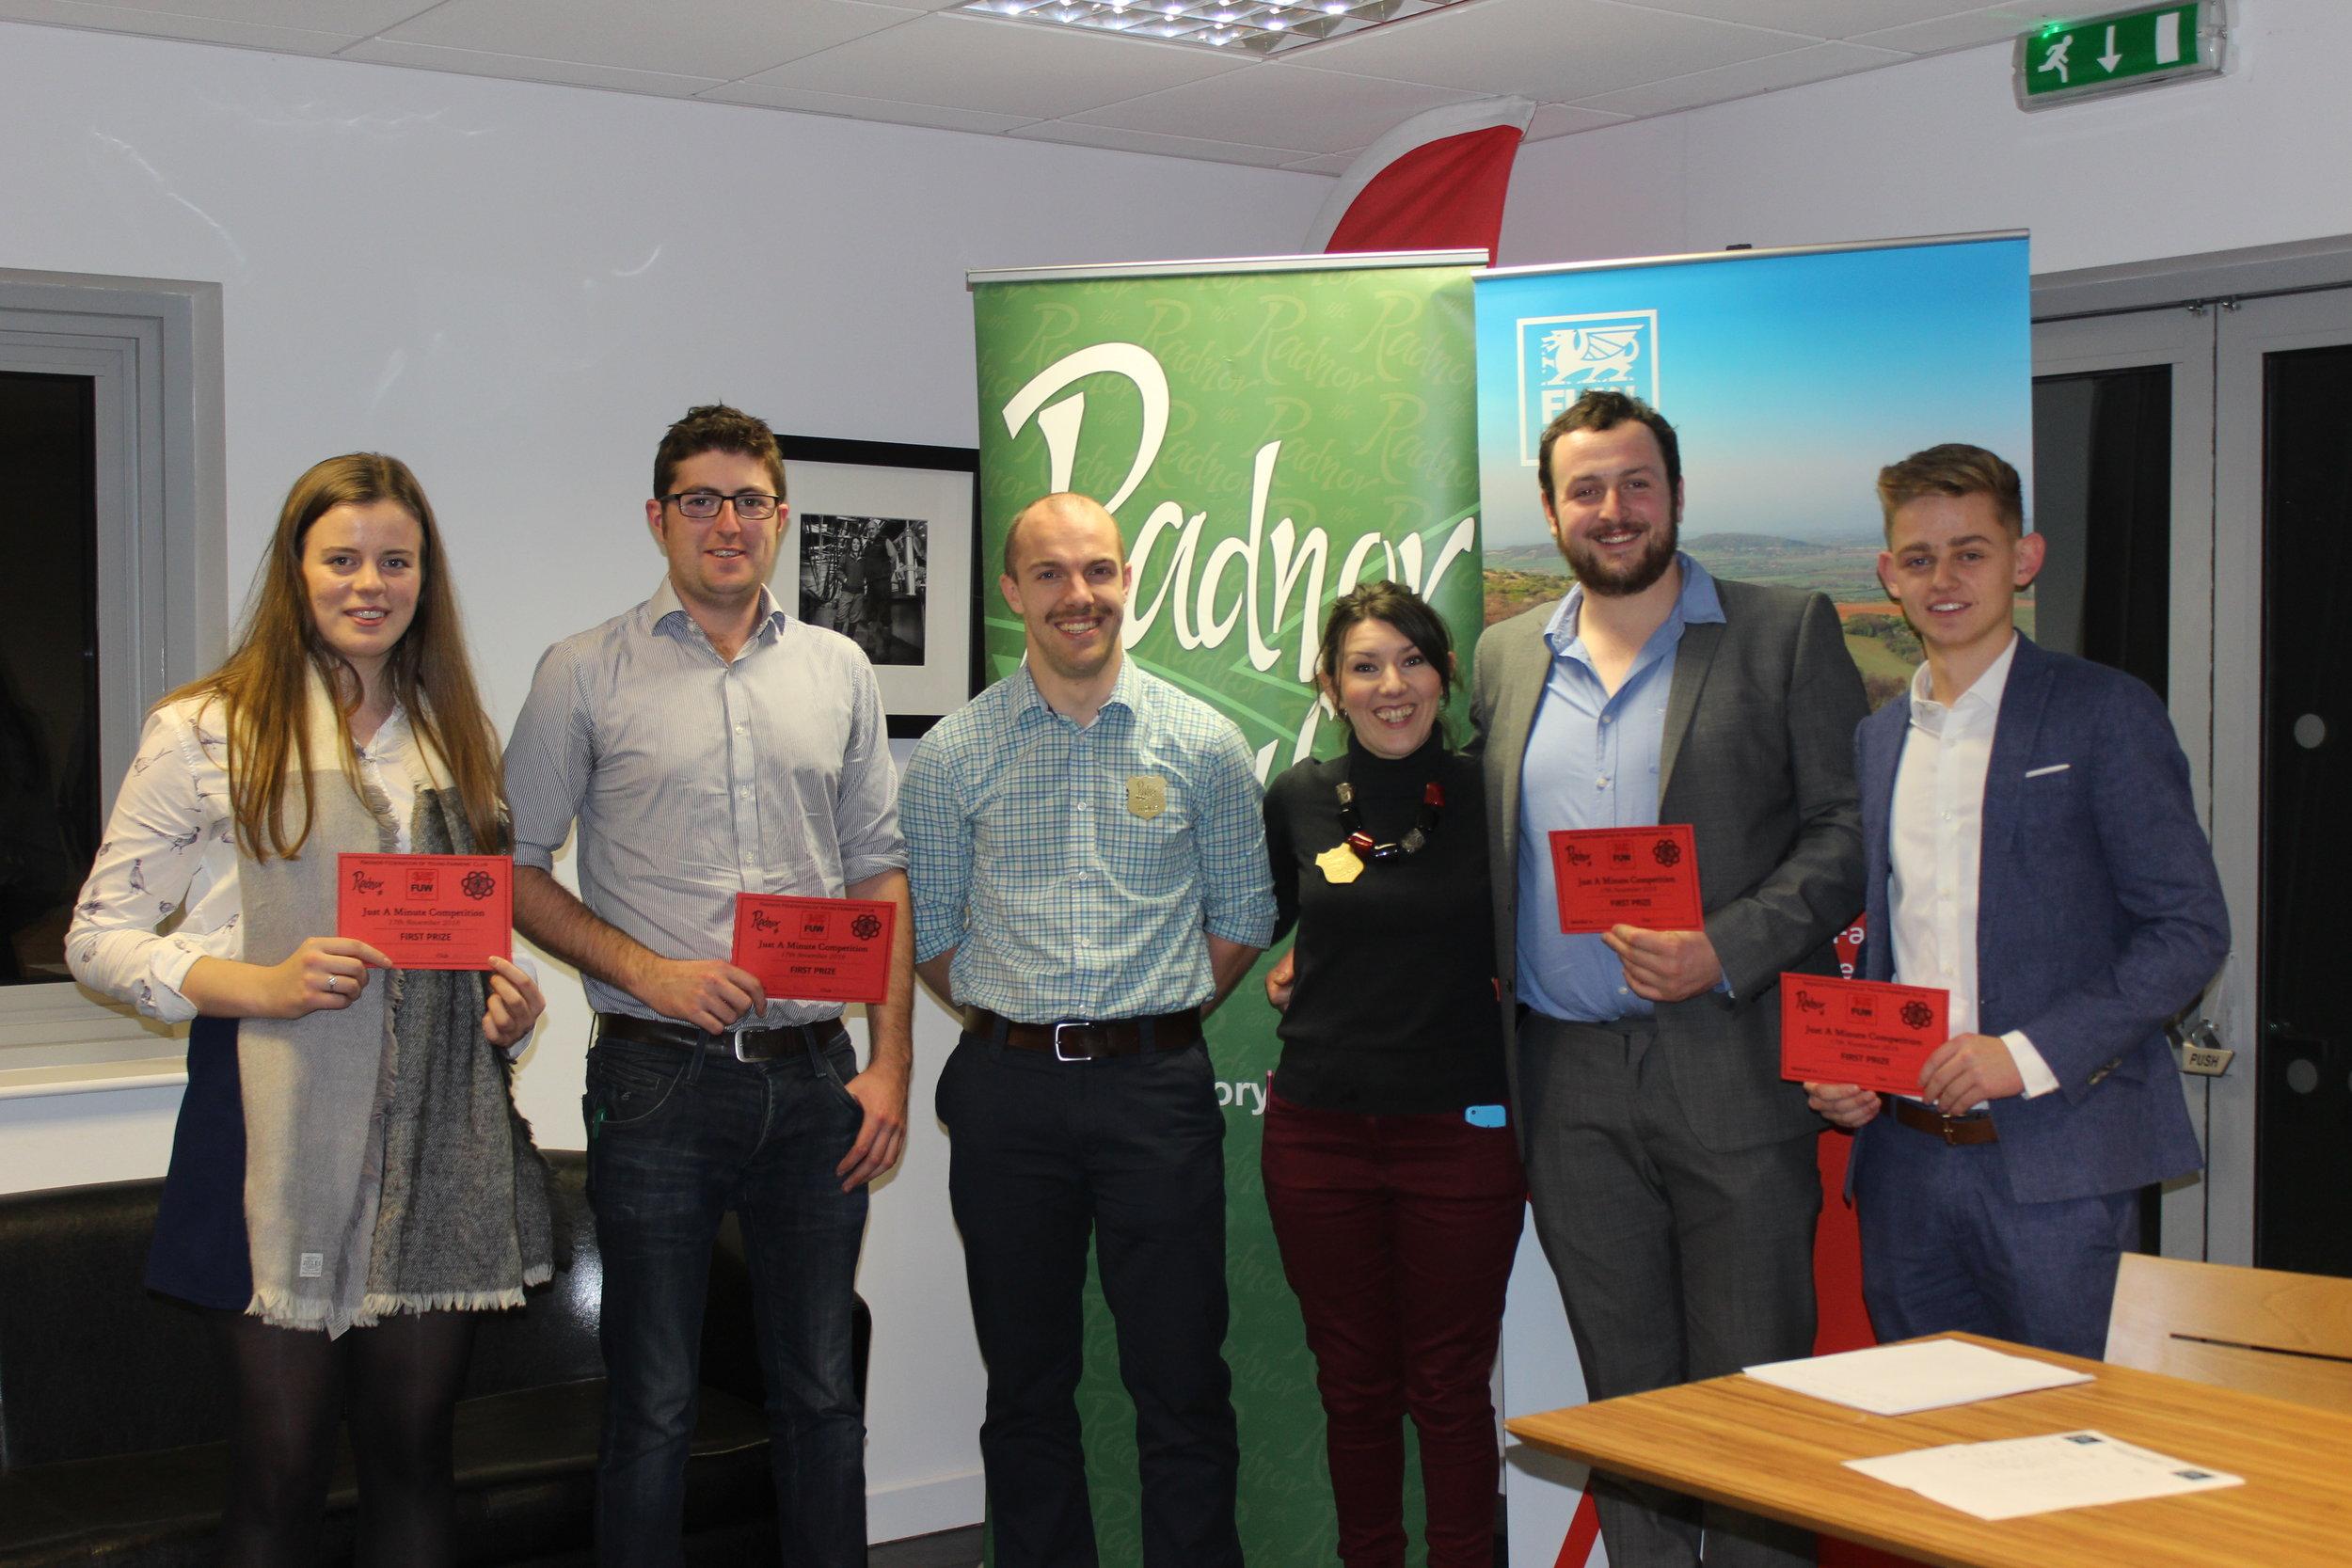 Elizabeth Preston, Jamie Price, Ted Davies & Ben Chilman, Presteigne YFC winning the Just A Minute competition with judges Mark Davies & Katie Davies.